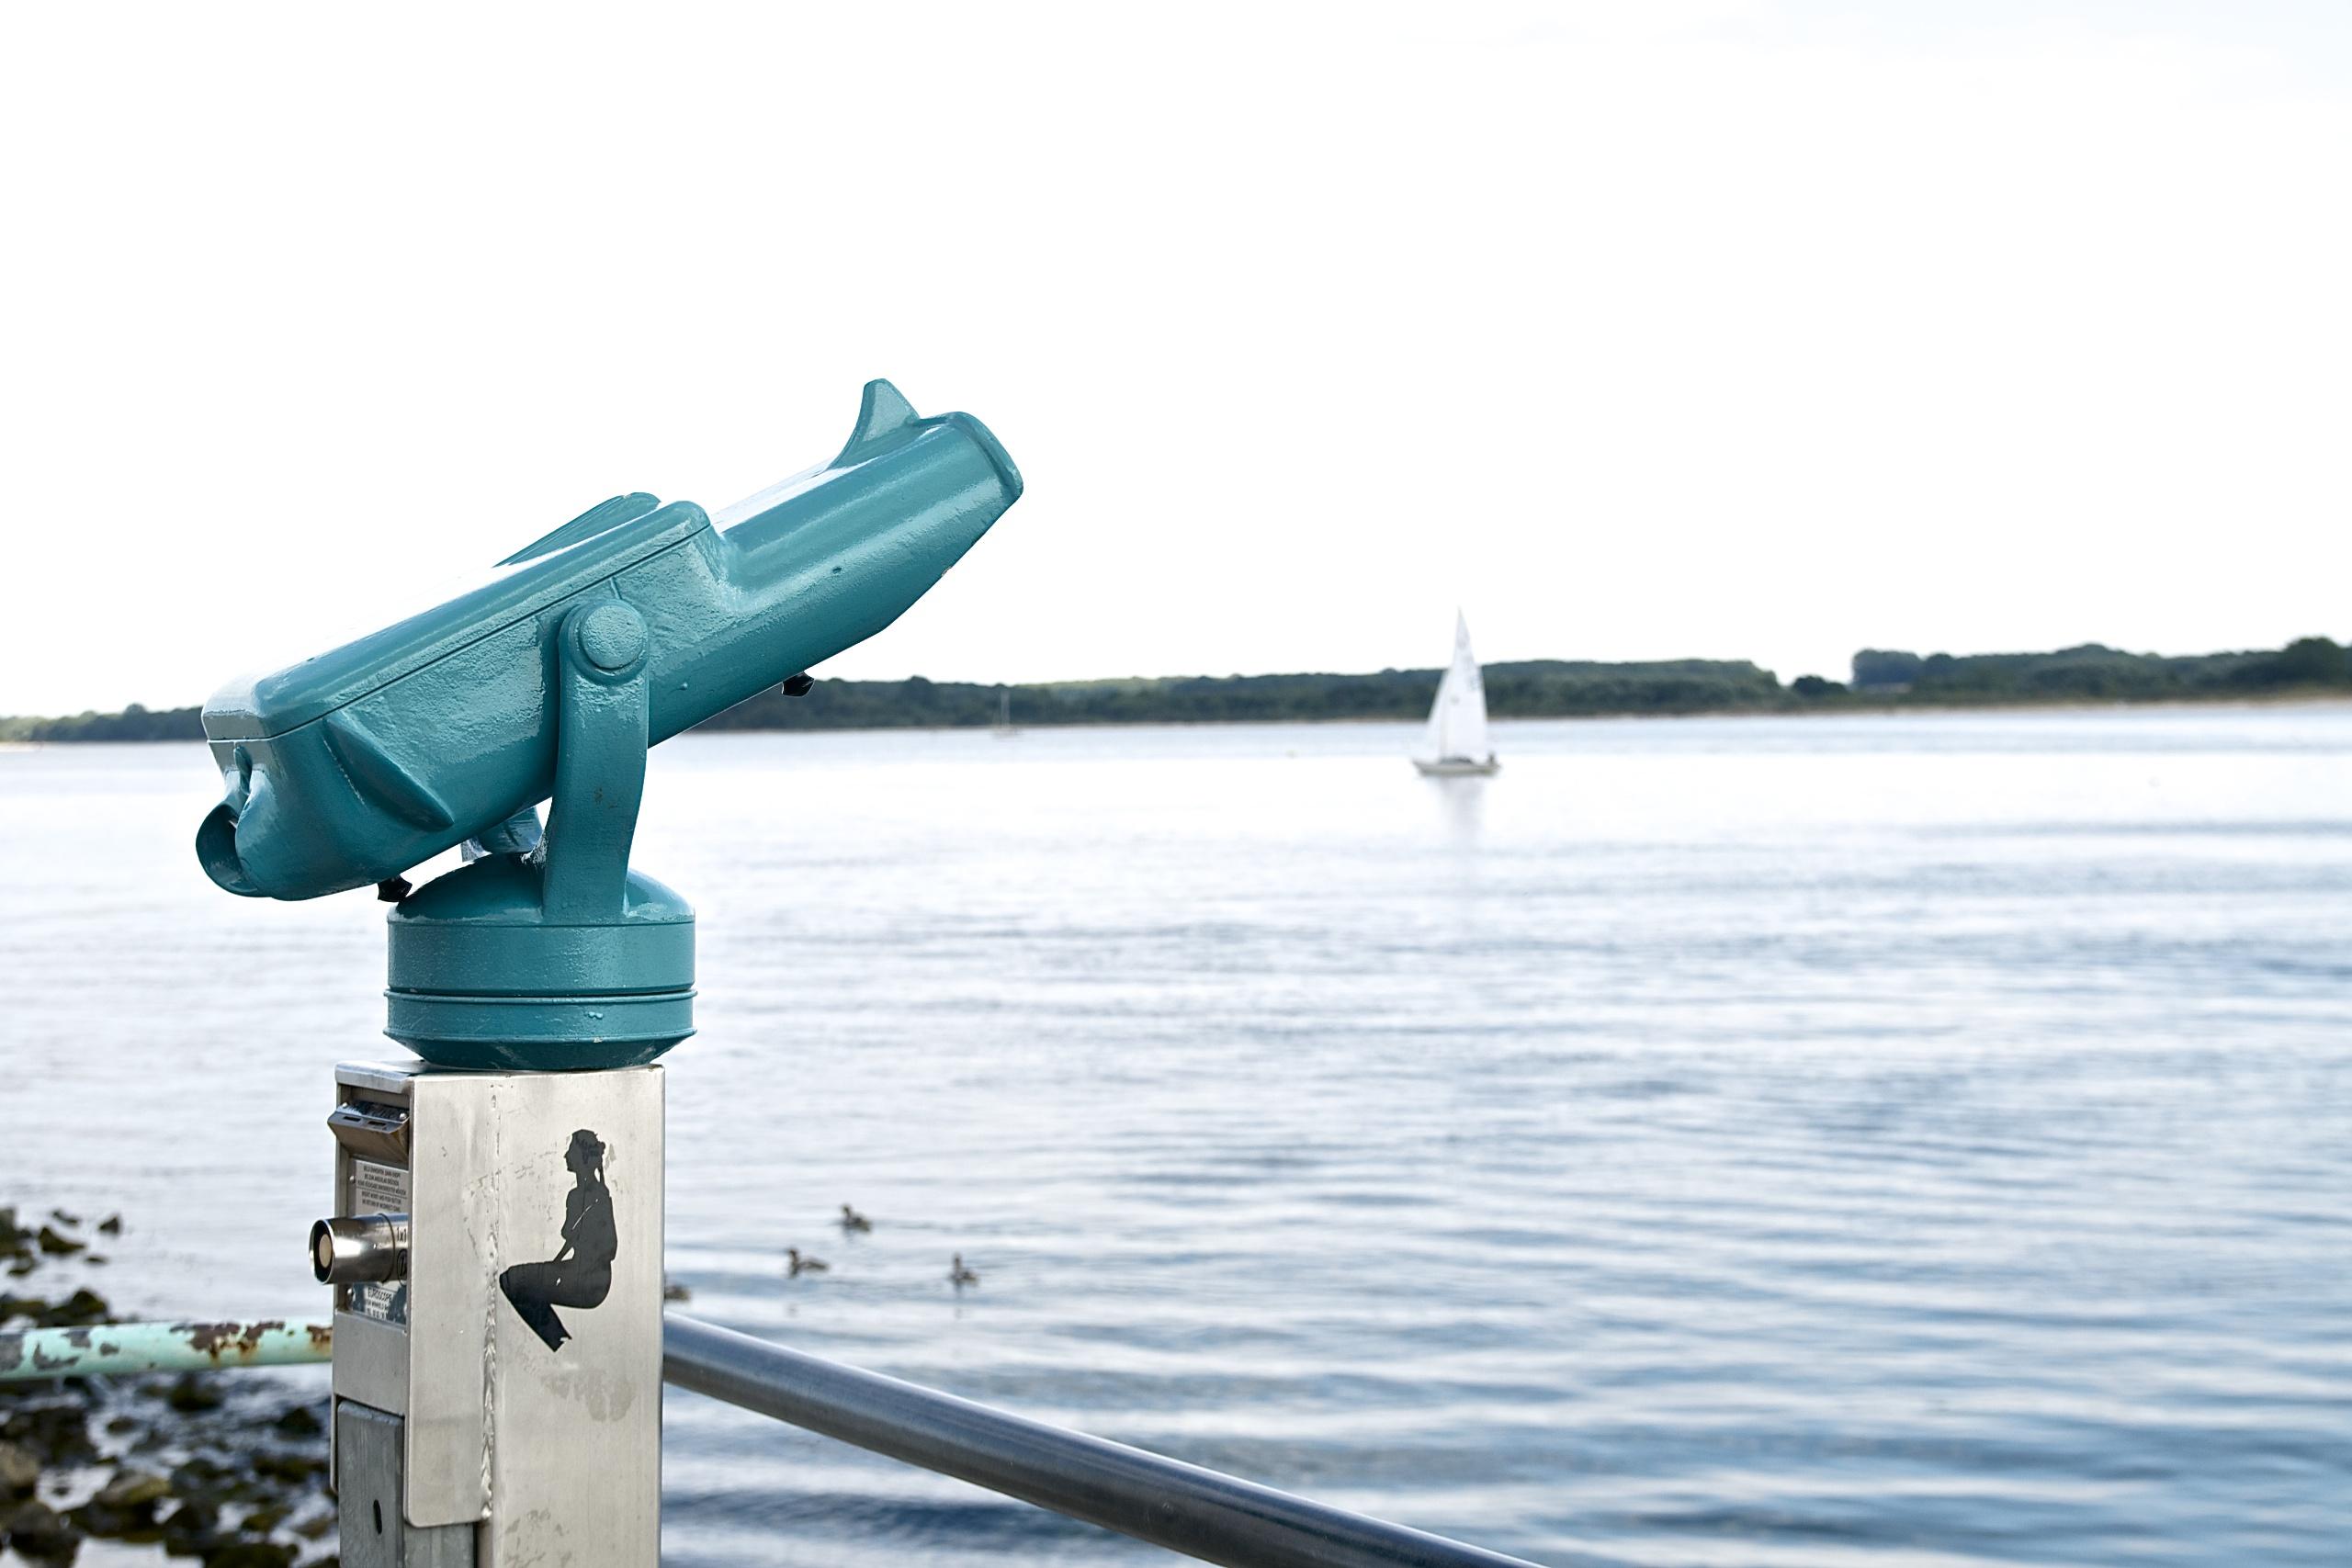 (K)Ein Tag am Meer,Fernrohr in türkis am Meer in Travemünde